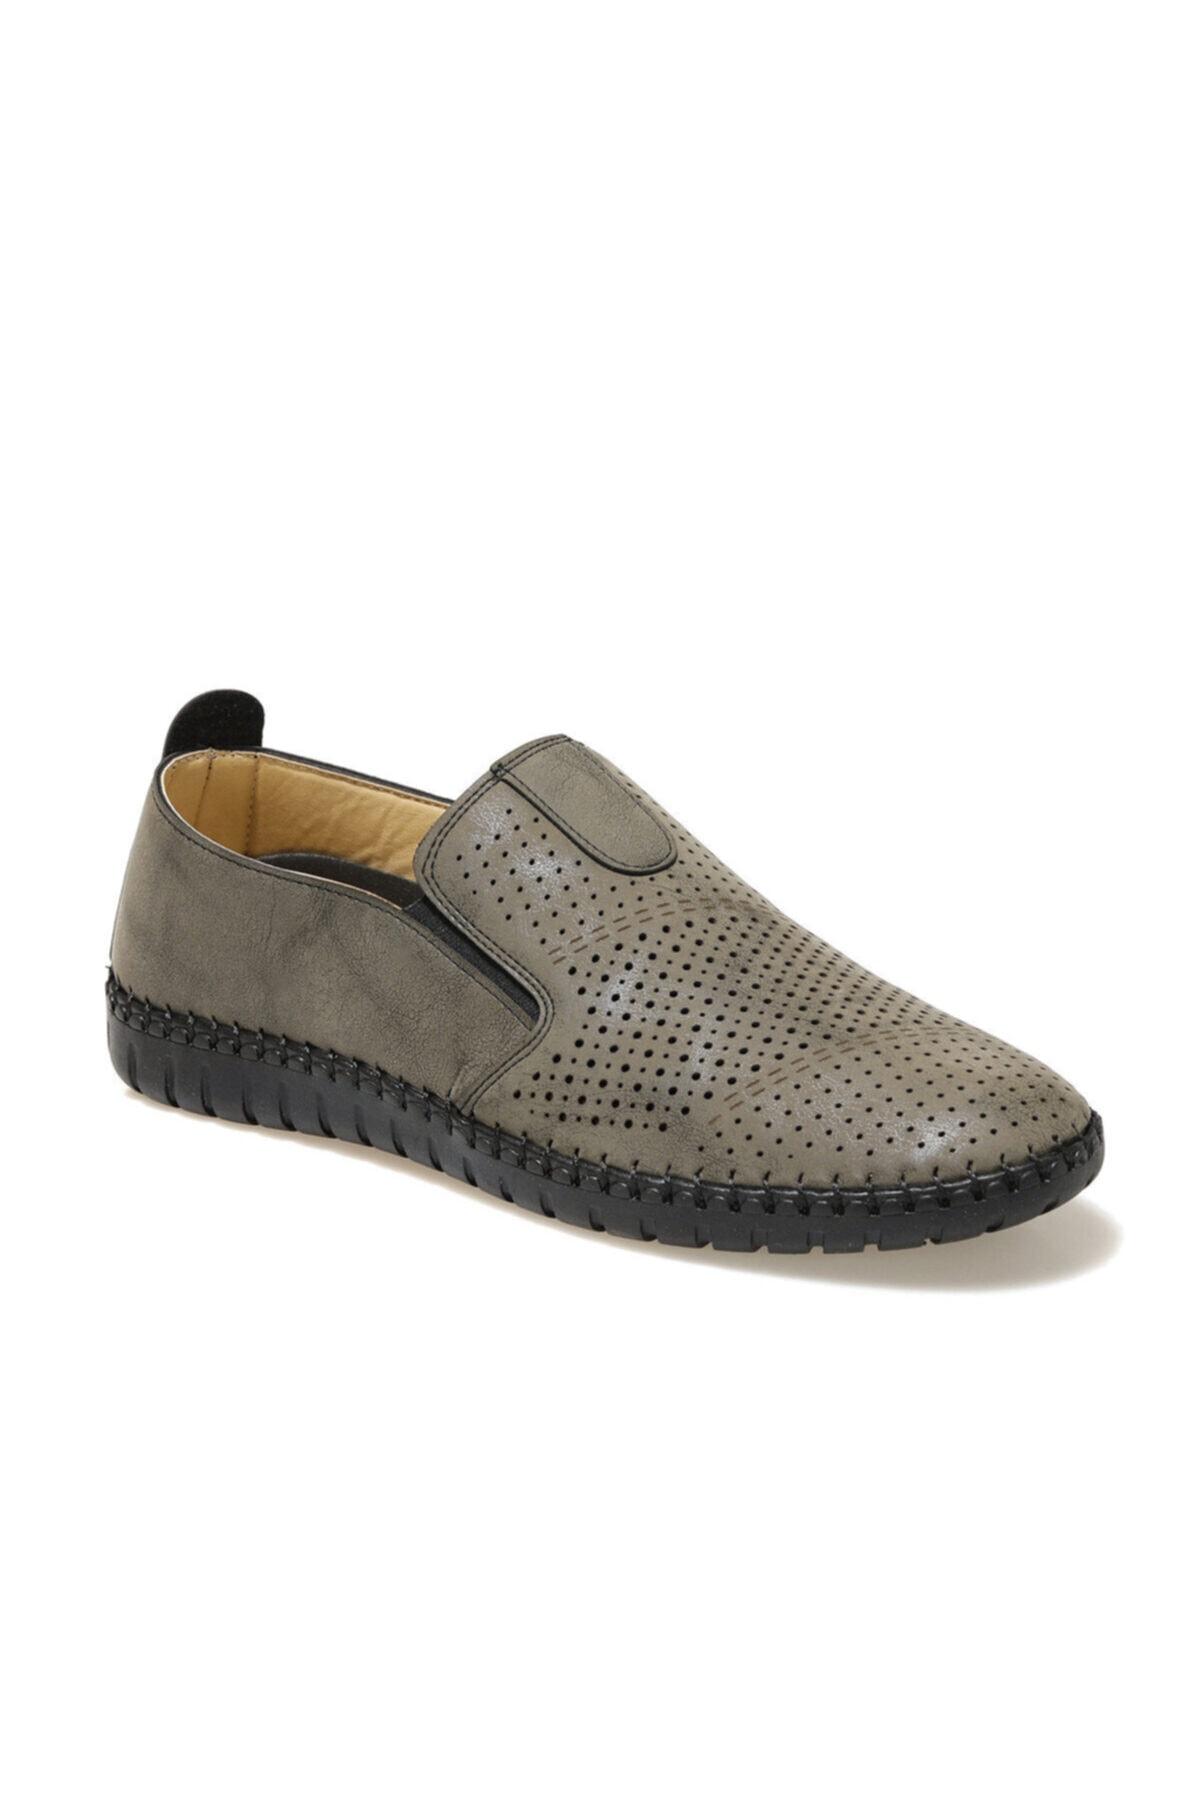 AL-21 1FX Haki Erkek Comfort Ayakkabı 100916300